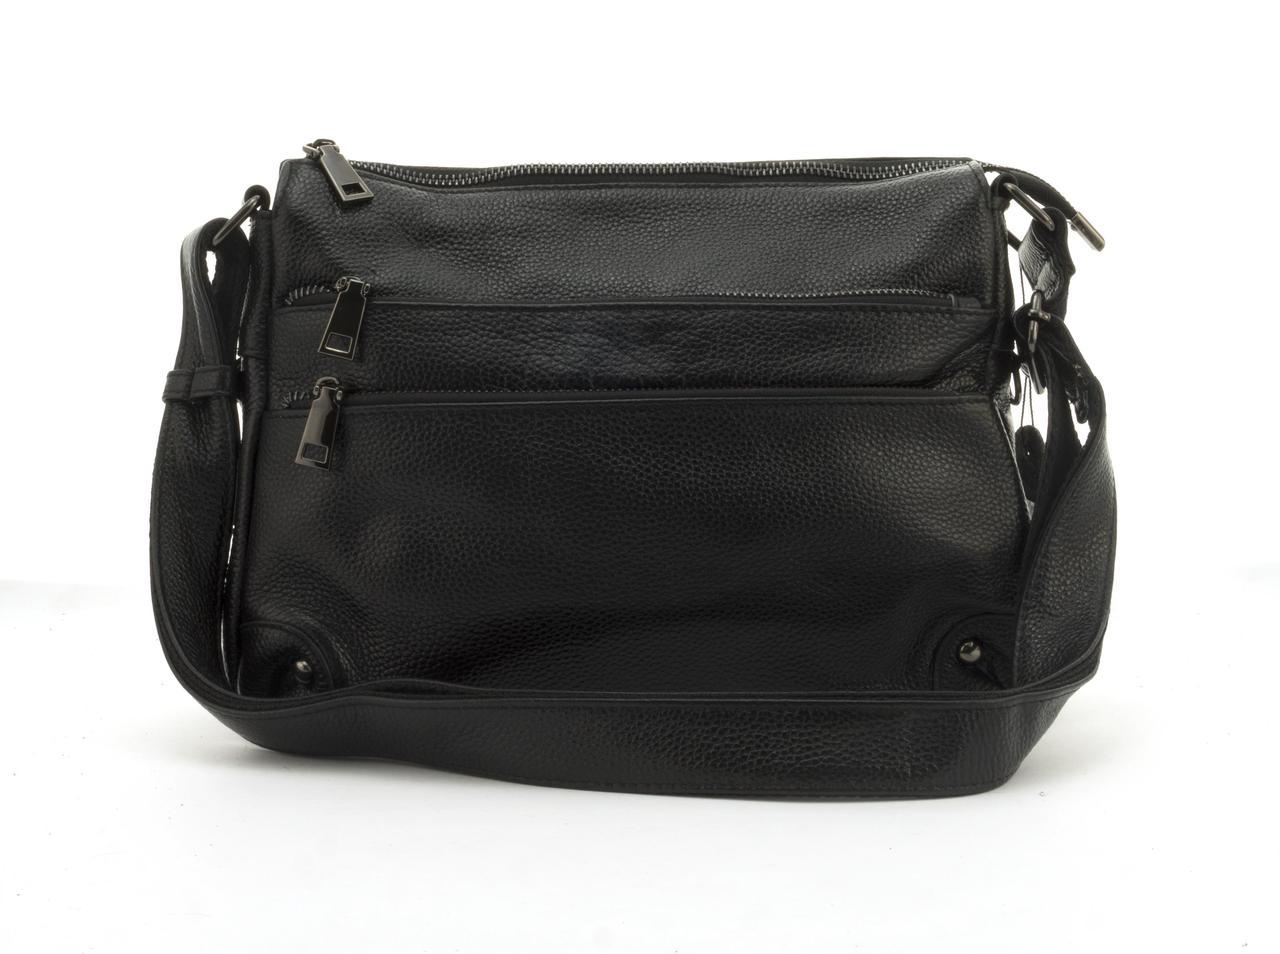 Стильная  женская мягкая сумка из натуральной кожи GALANTY art. 6060 Турция черная